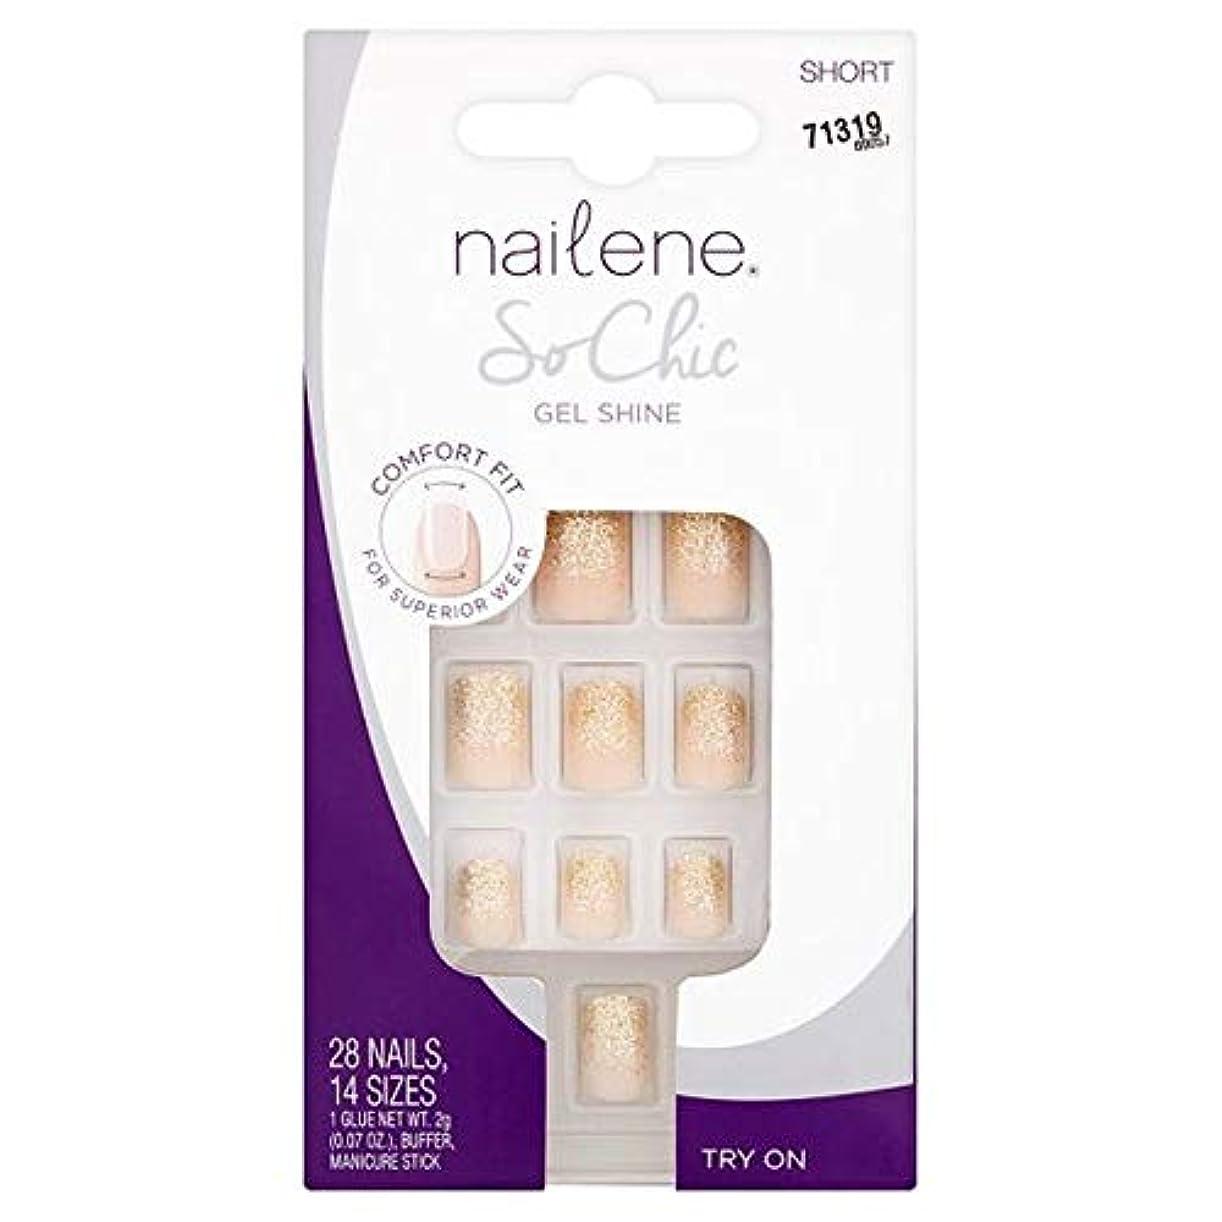 パイプキャメル洞察力[Nailene] Nailene釘ので、シックなゲル輝き - Nailene Nails So Chic Gel Shine [並行輸入品]